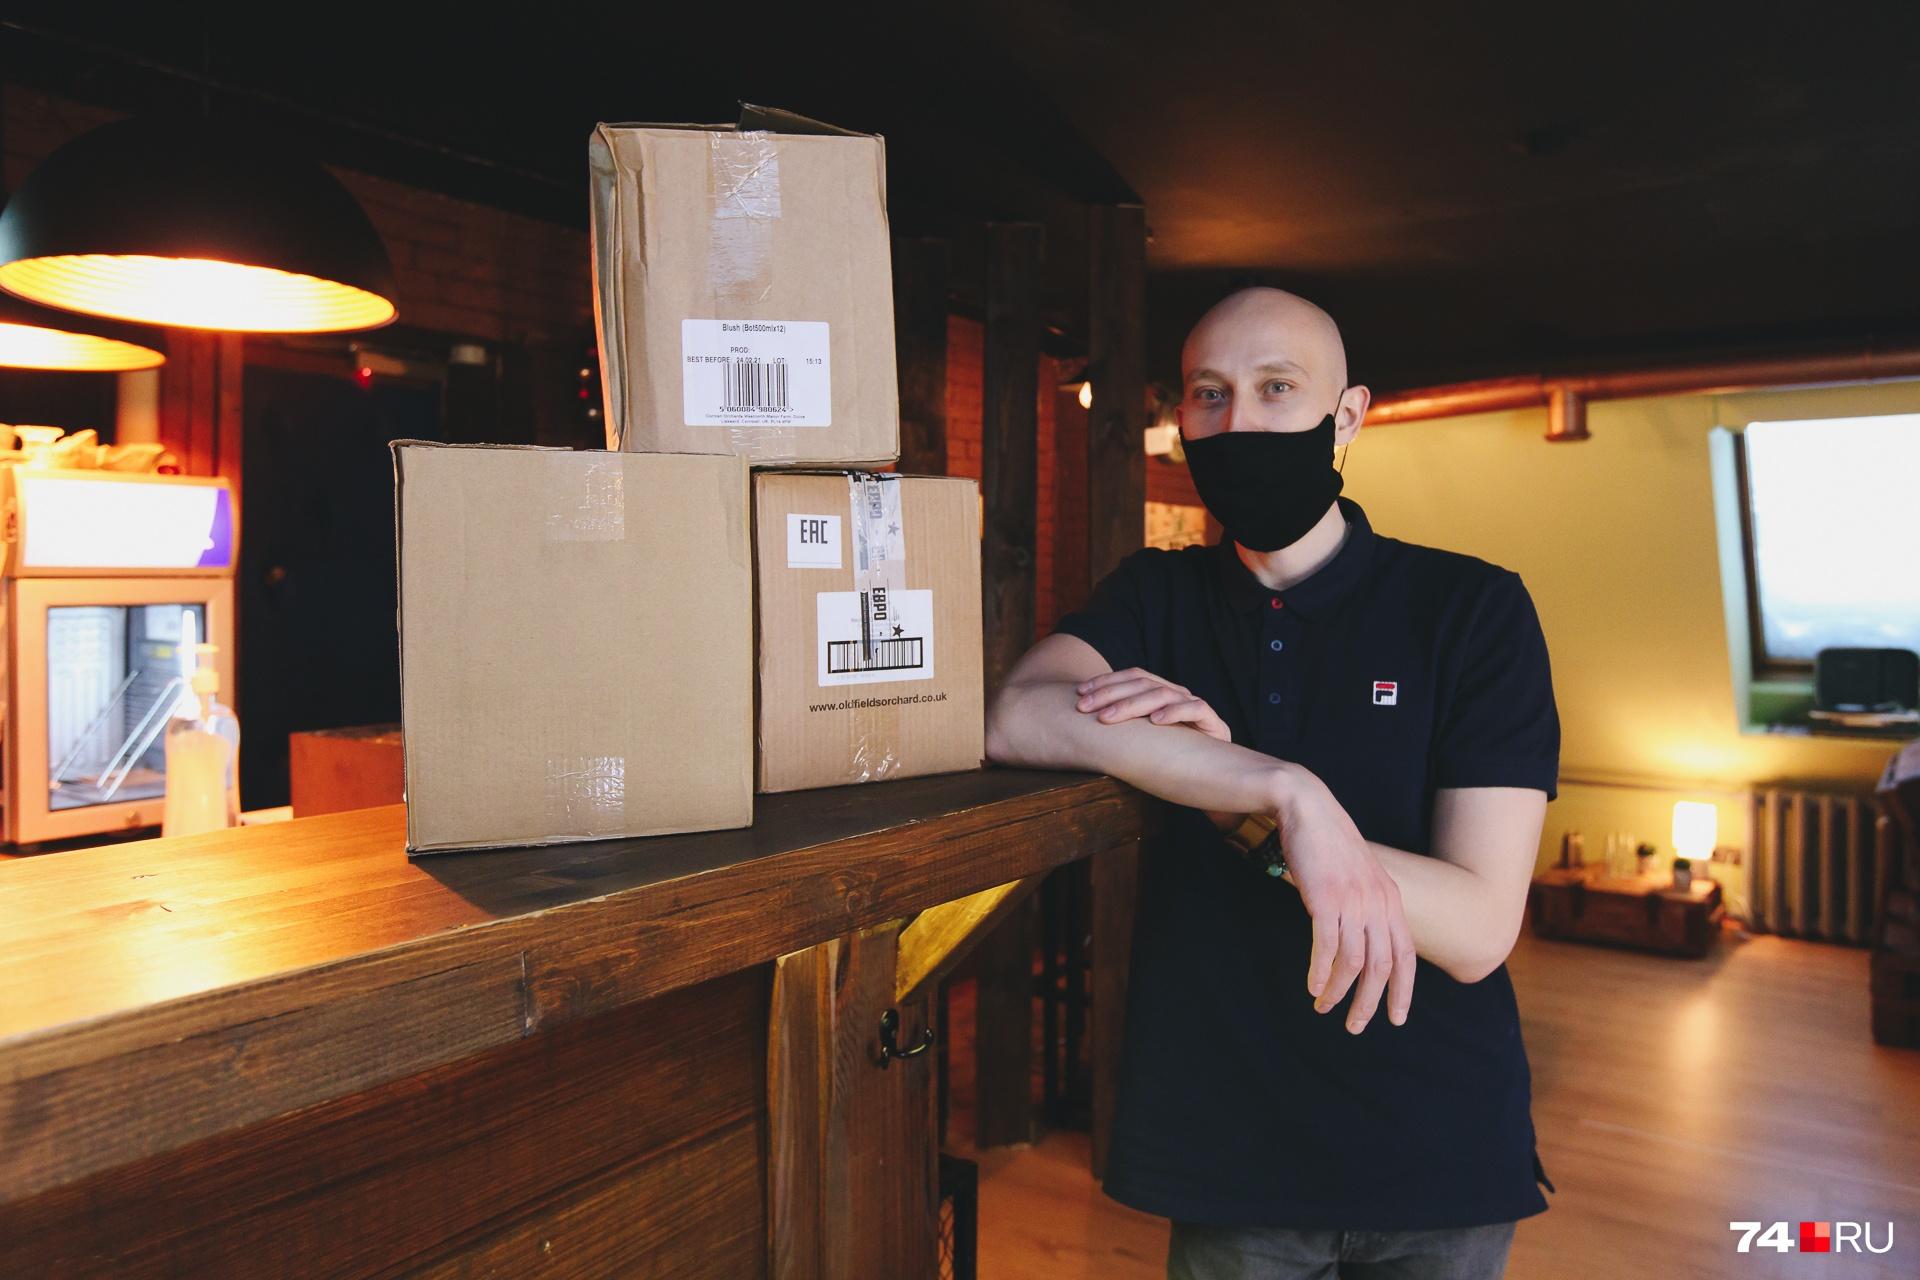 Один из владельцев бара Евгений Иванов лично отбирает сидры для своего заведения